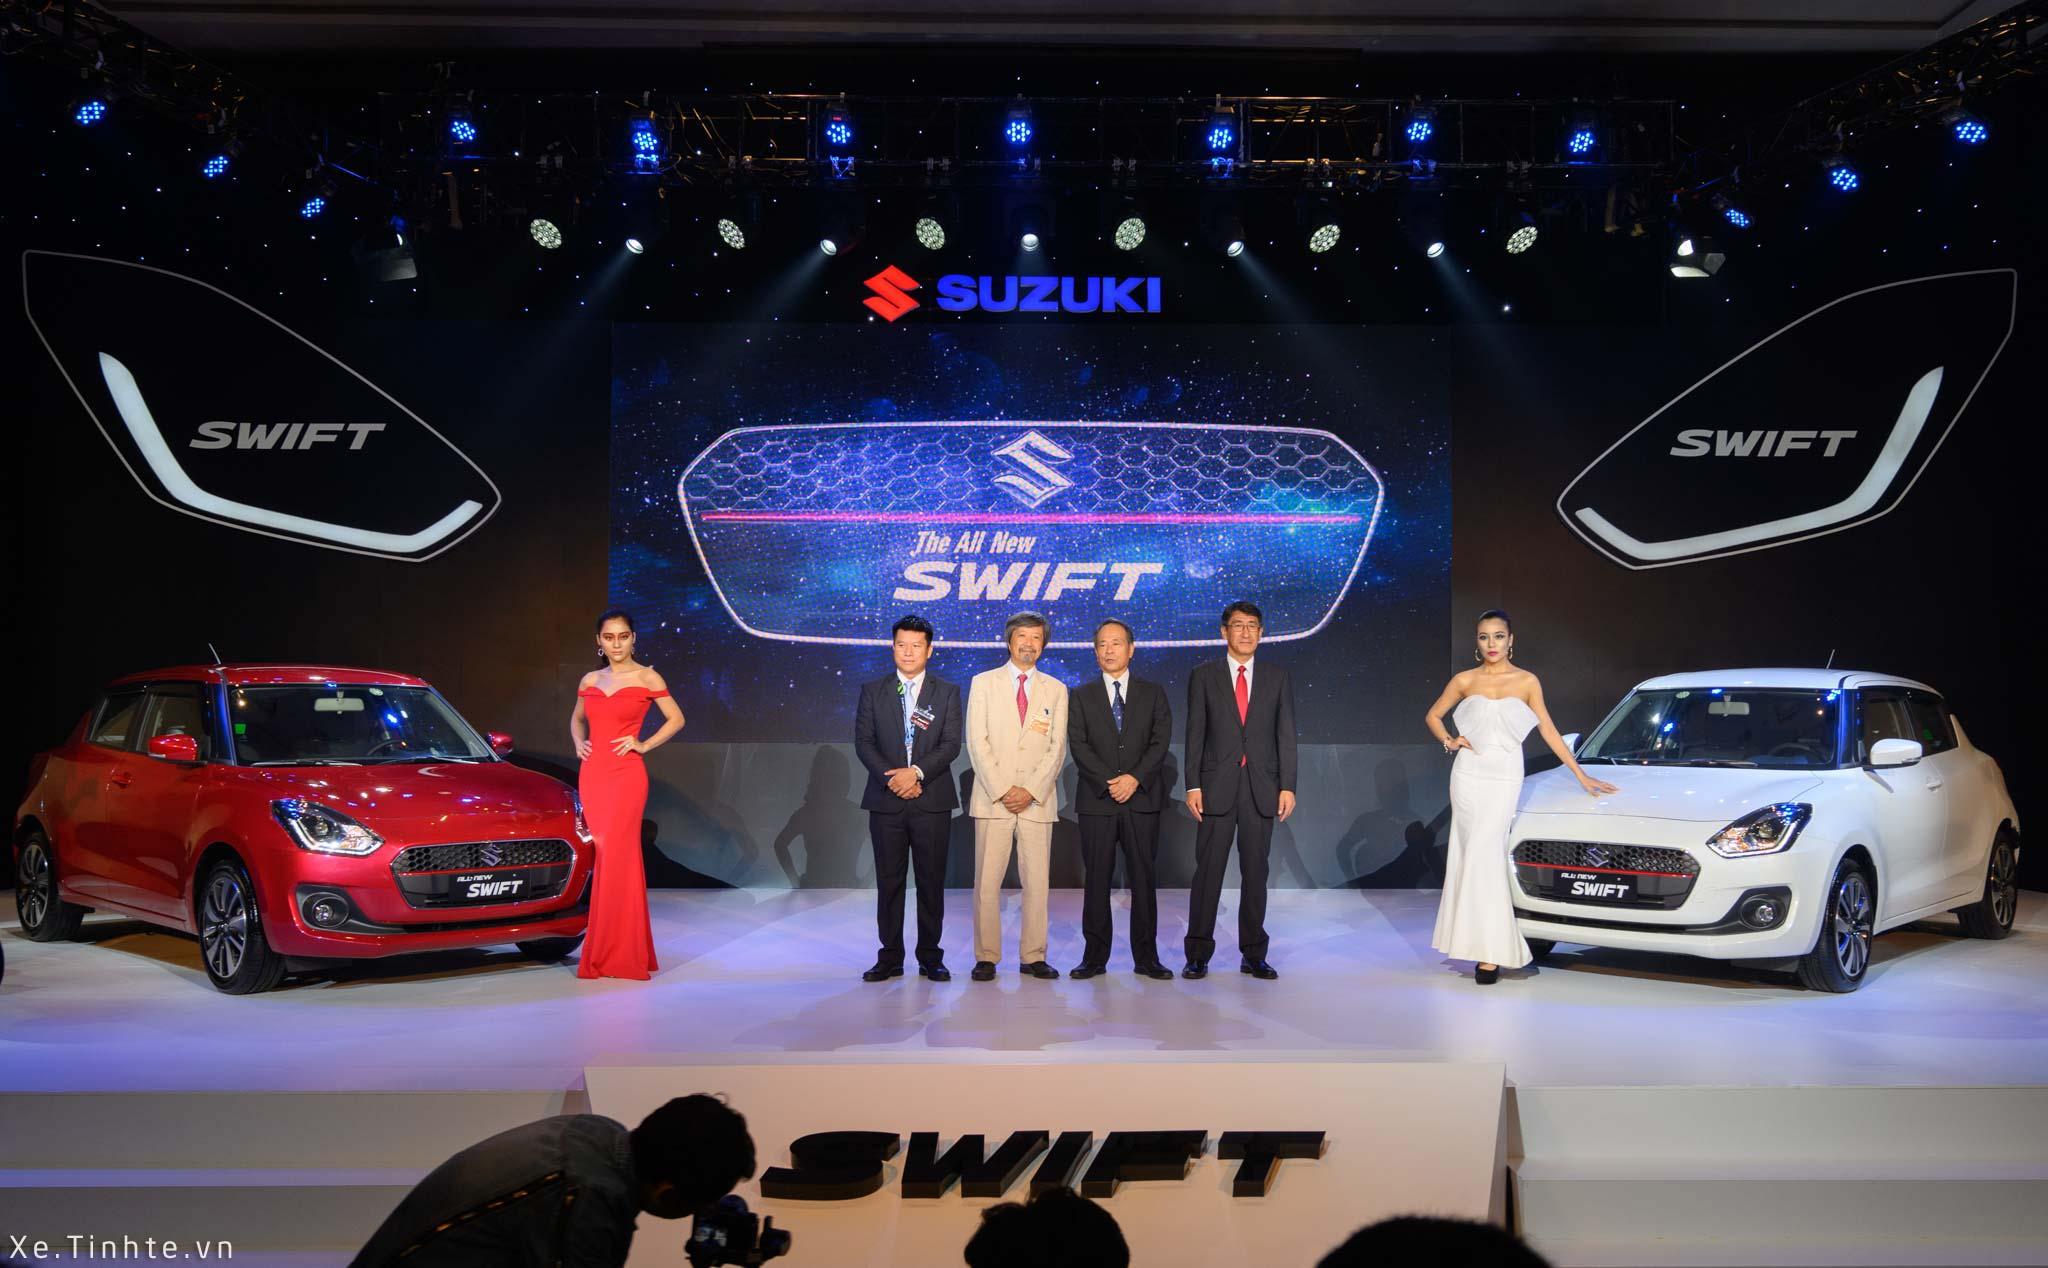 Suzuki_Swift_2018_tinhte_37.jpg